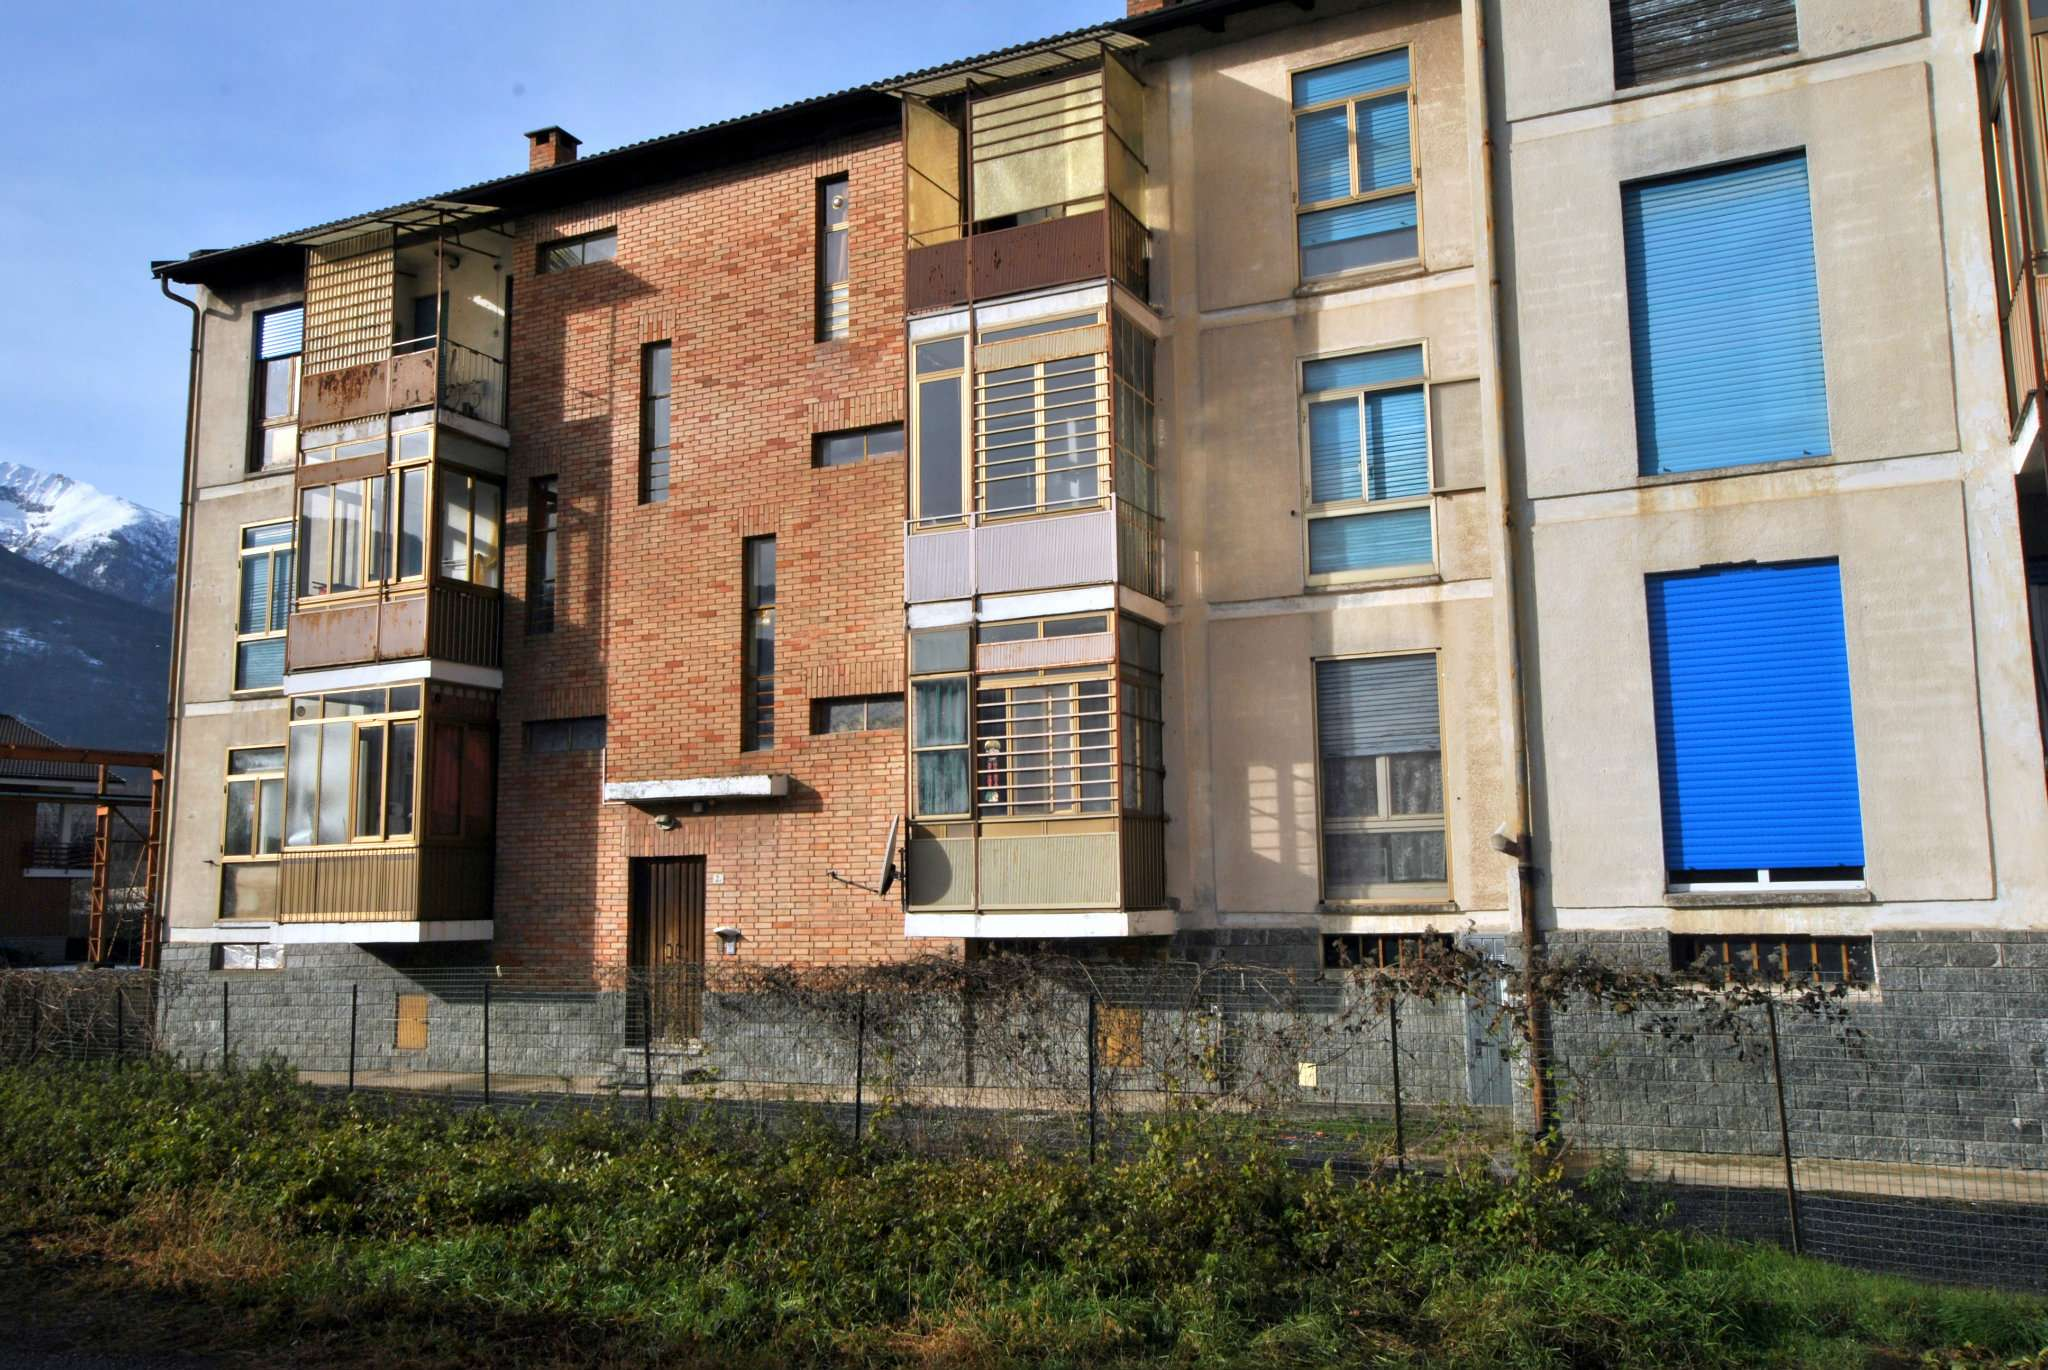 Appartamento in vendita a Borgone Susa, 4 locali, prezzo € 49.000 | CambioCasa.it